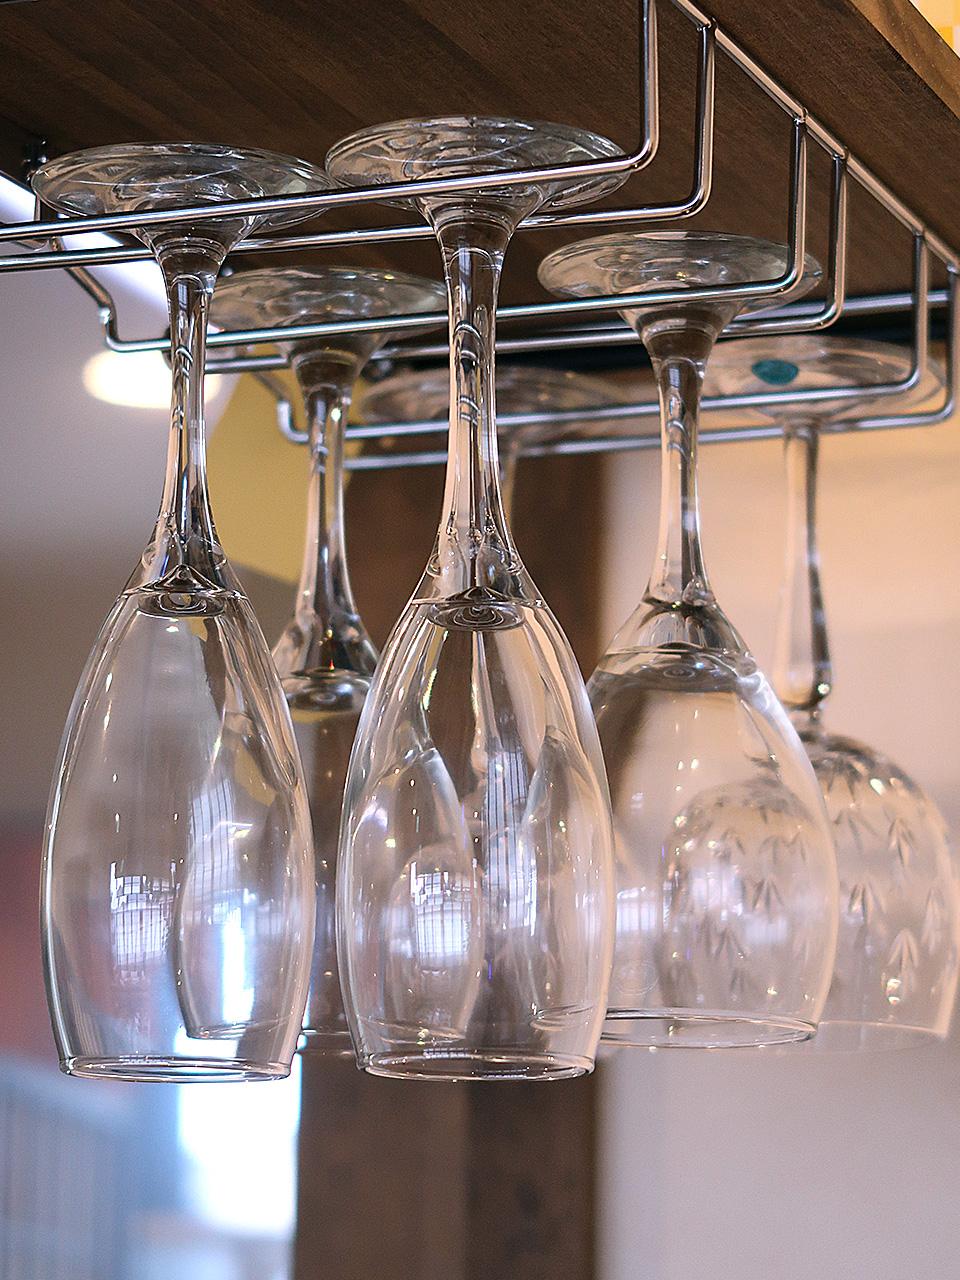 ブーランジェリーオショウ 店内のワイングラス